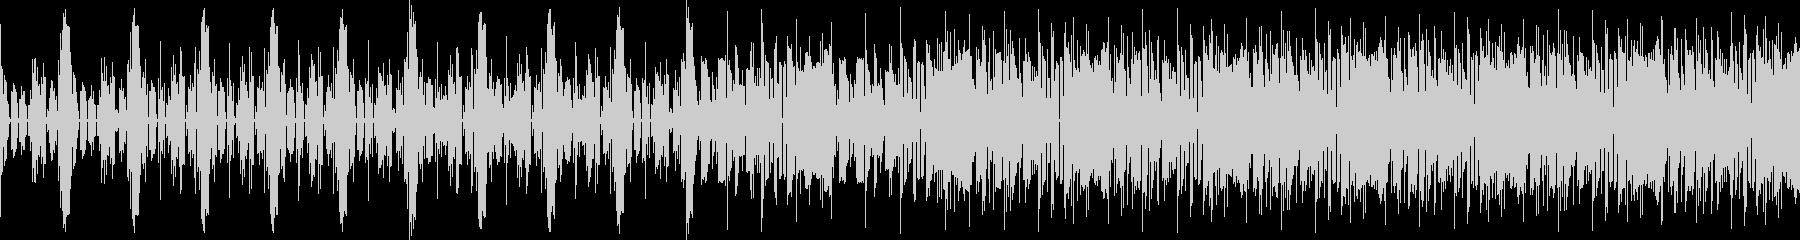 クールなエレクトロループ音源の未再生の波形